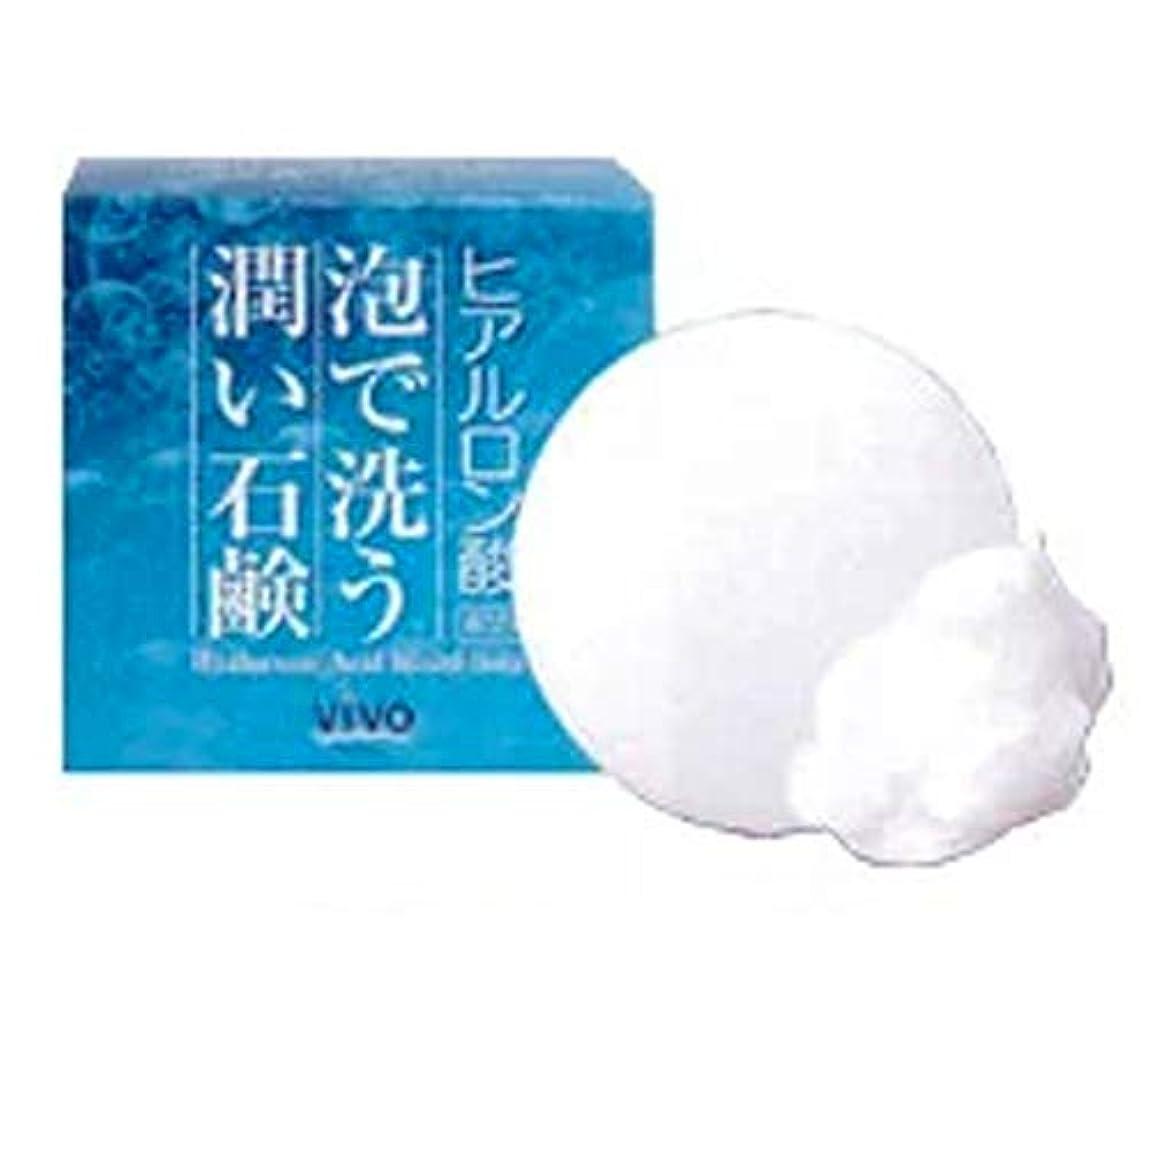 大学生リマ行商Bella Vivo ヒアルロン酸洗顔石鹸 3個セット